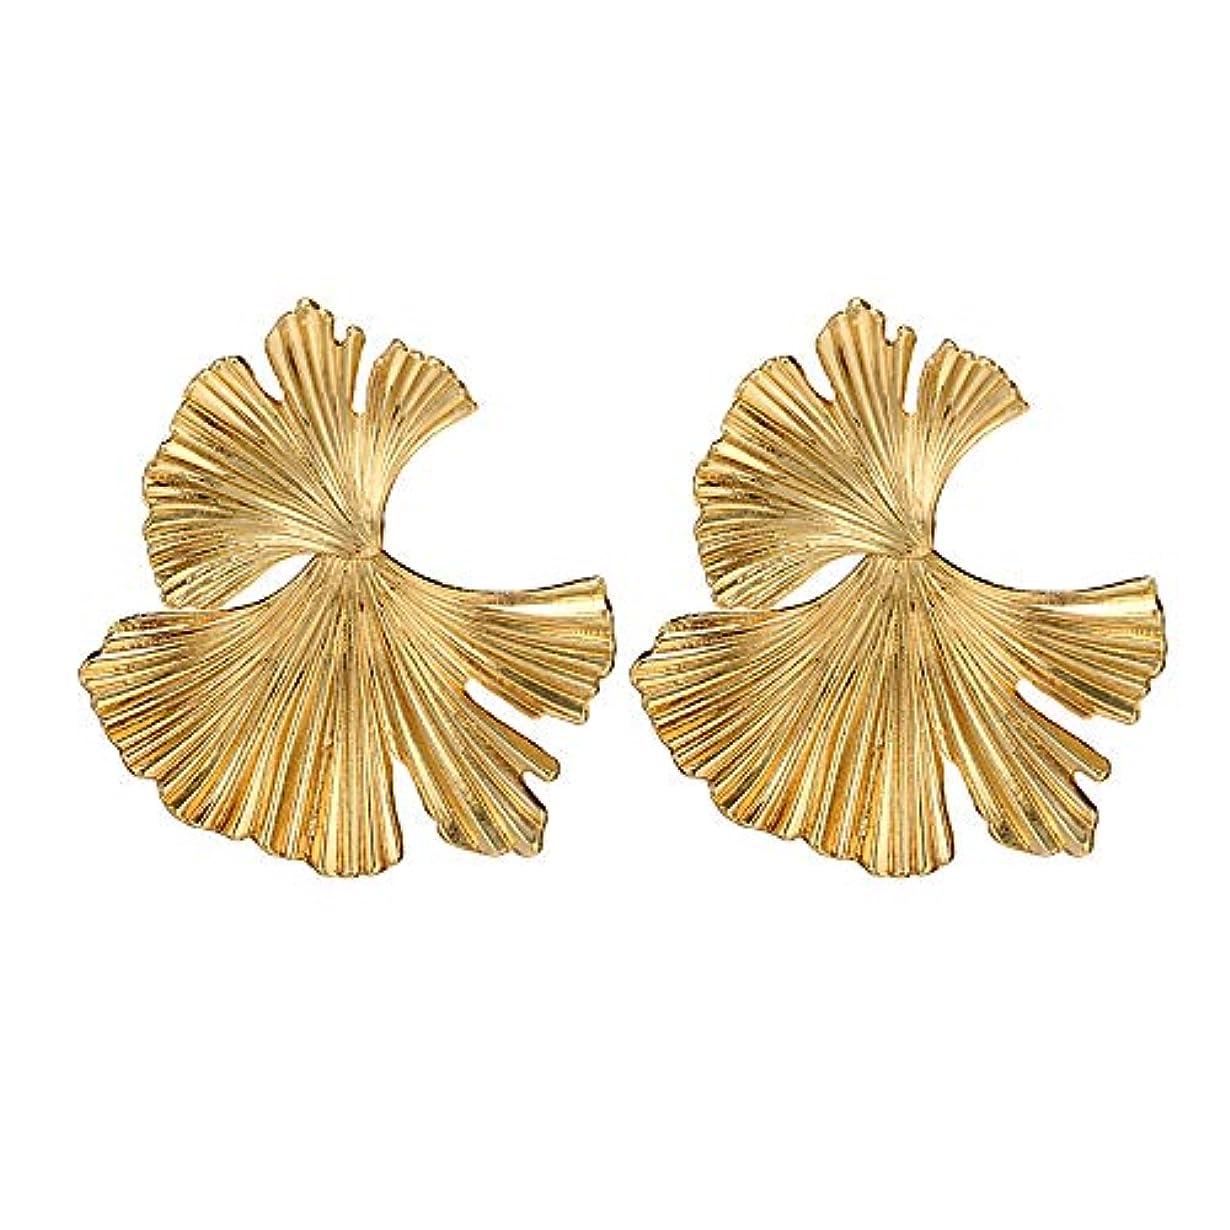 簡略化するバリケードカバーNicircle 女性ヴィンテージファッションクリエイティブビッグメタルフラワーイチョウ葉の合金のイヤリング Women Vintage Fashion Creative Big Metal Flower Ginkgo Leaf Alloy Earrings